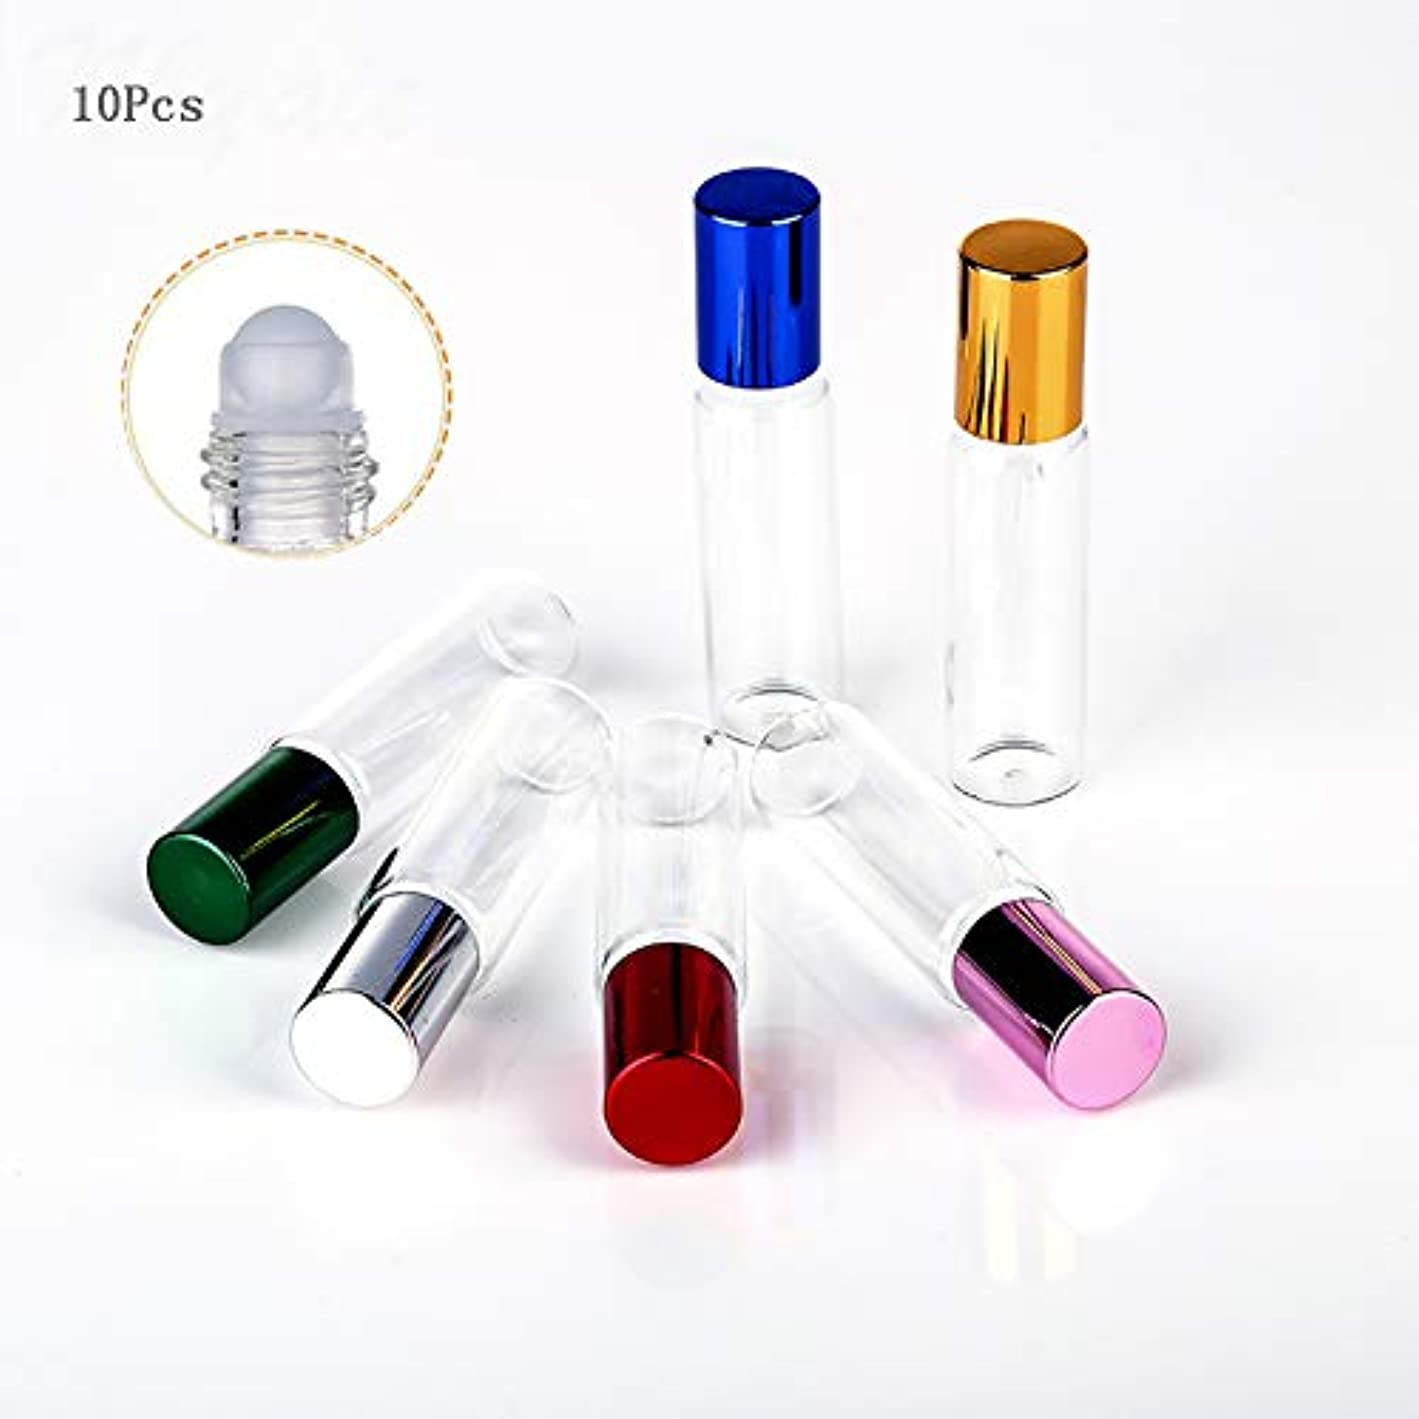 マート主導権スロットロールオンボトル アロマ ガラス容器、アロマテラピーのための10ml充填可能な透明なガラス瓶、エッセンシャルオイル10個